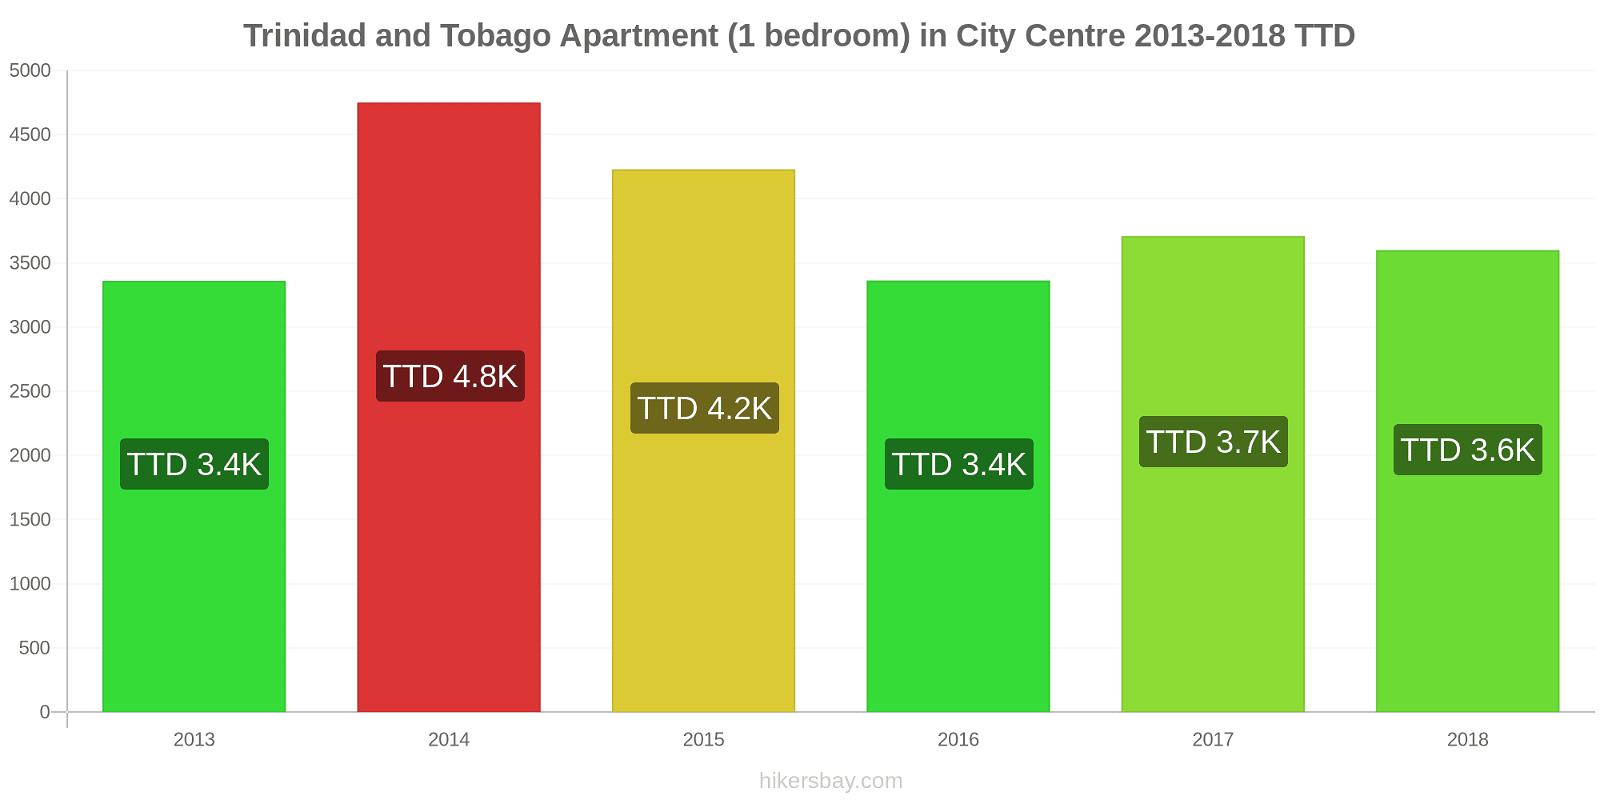 Trinidad and Tobago price changes Apartment (1 bedroom) in City Centre hikersbay.com